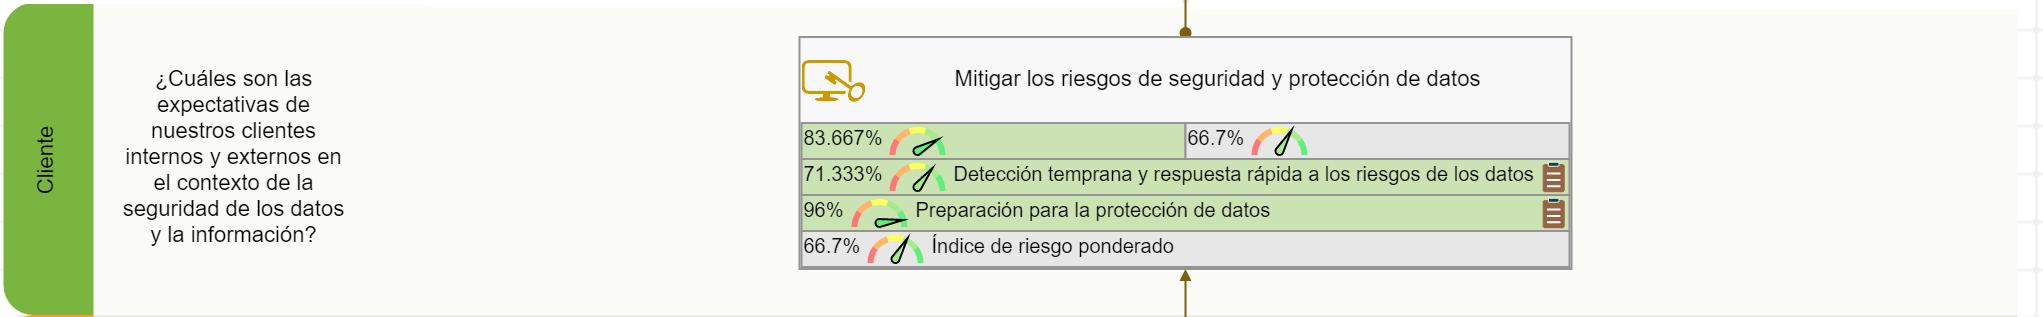 Los objetivos y los KPIs de la perspectiva del cliente del cuadro de mando de seguridad de los datos